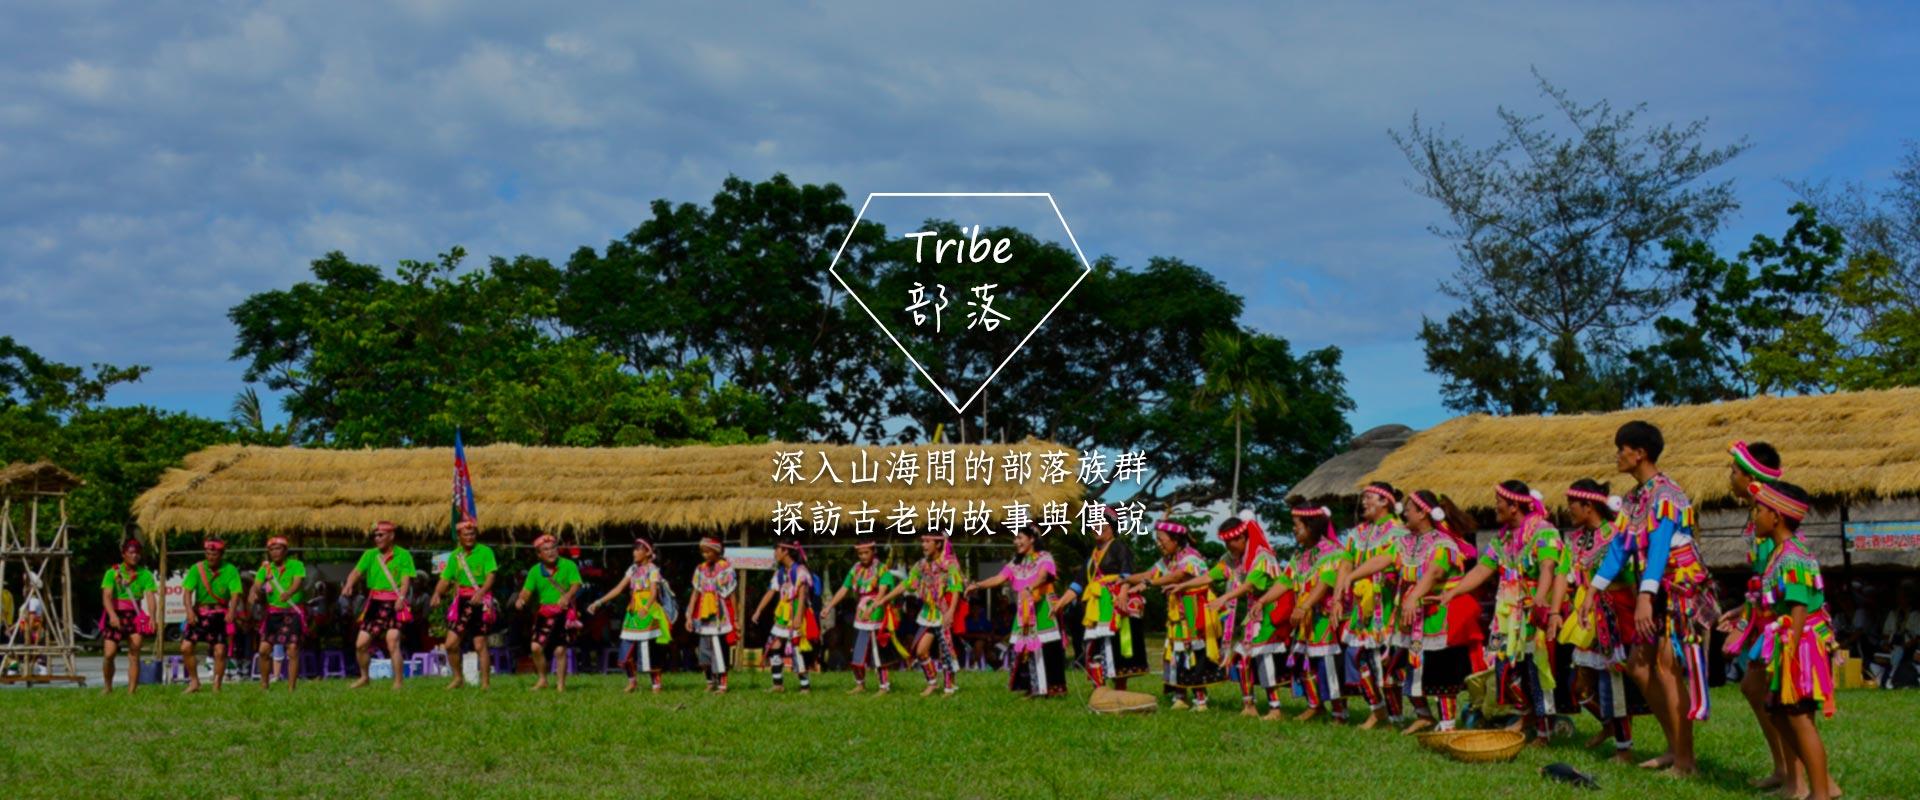 深入山海間的部落族群,探訪古老的故事與傳說